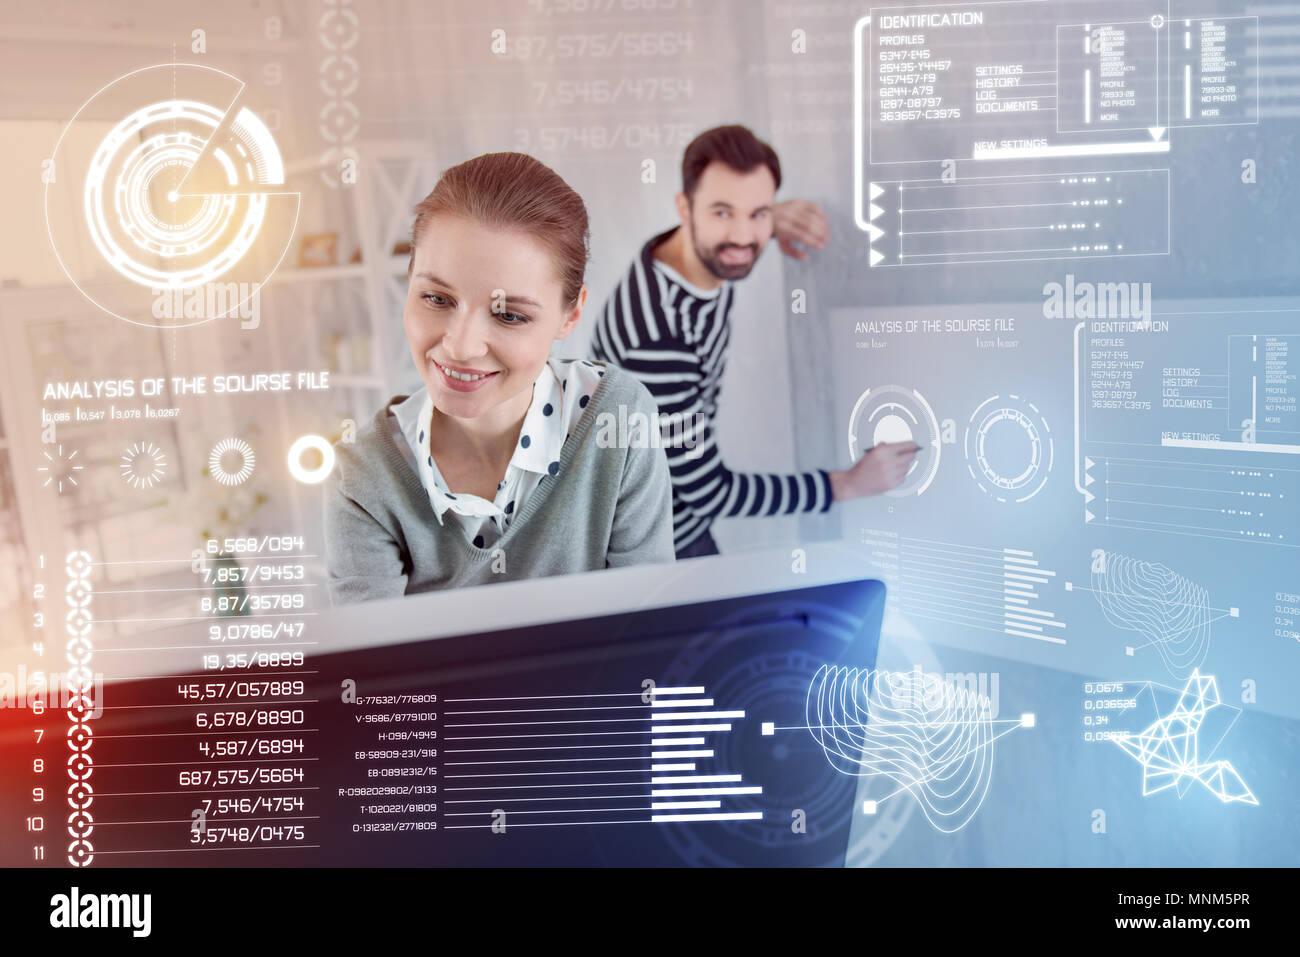 Les développeurs de logiciels émotionnel tout en travaillant de concert, smiling Photo Stock